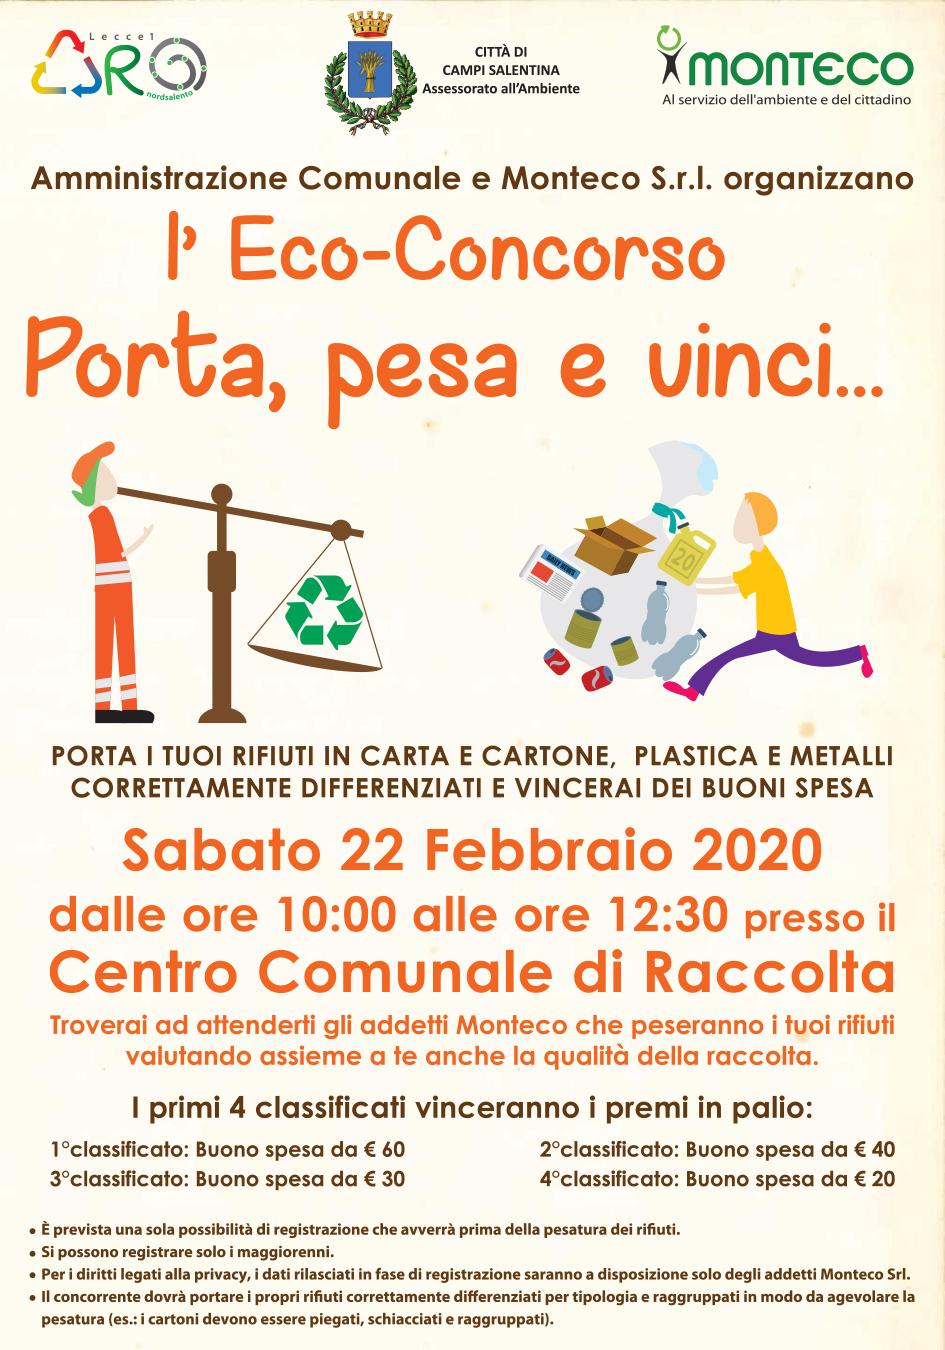 Eco-Concorso Porta, Pesa e Vinci a Campi Salentina presso il Centro Comunale di Raccolta